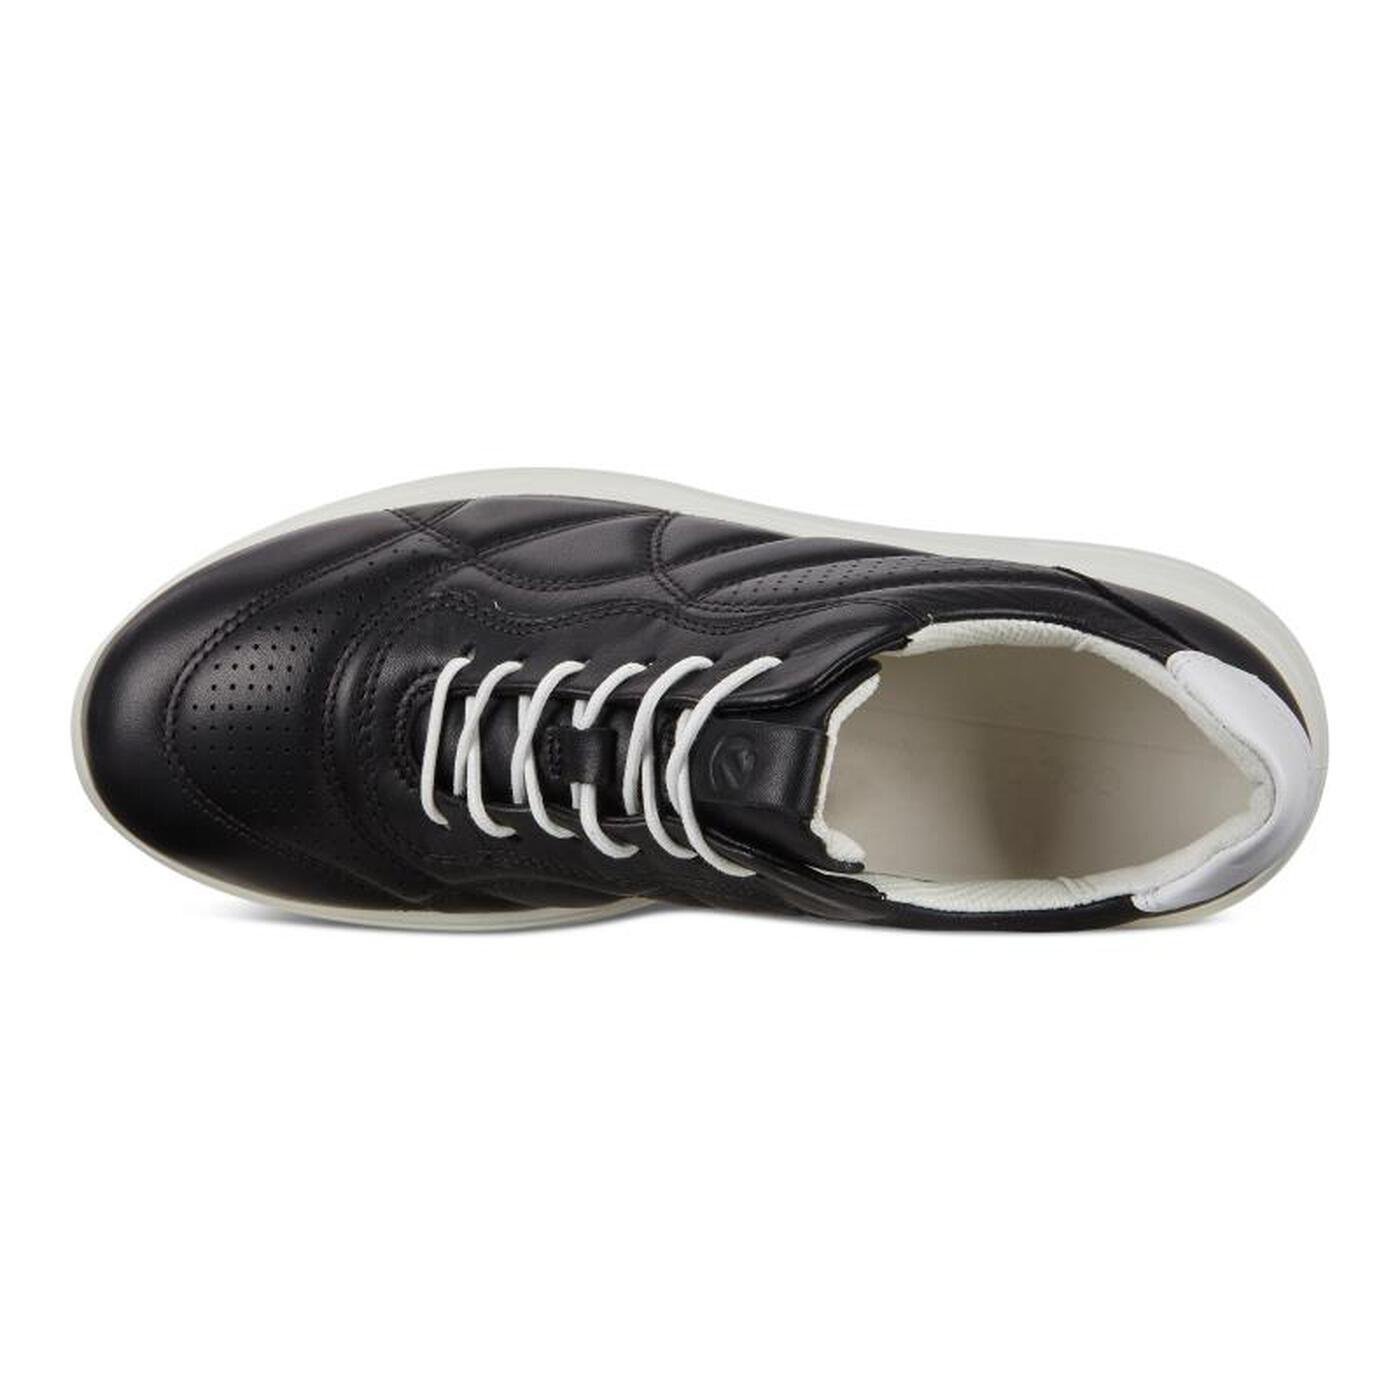 ECCO Soft 7 Runner Women's Padded Sneakers